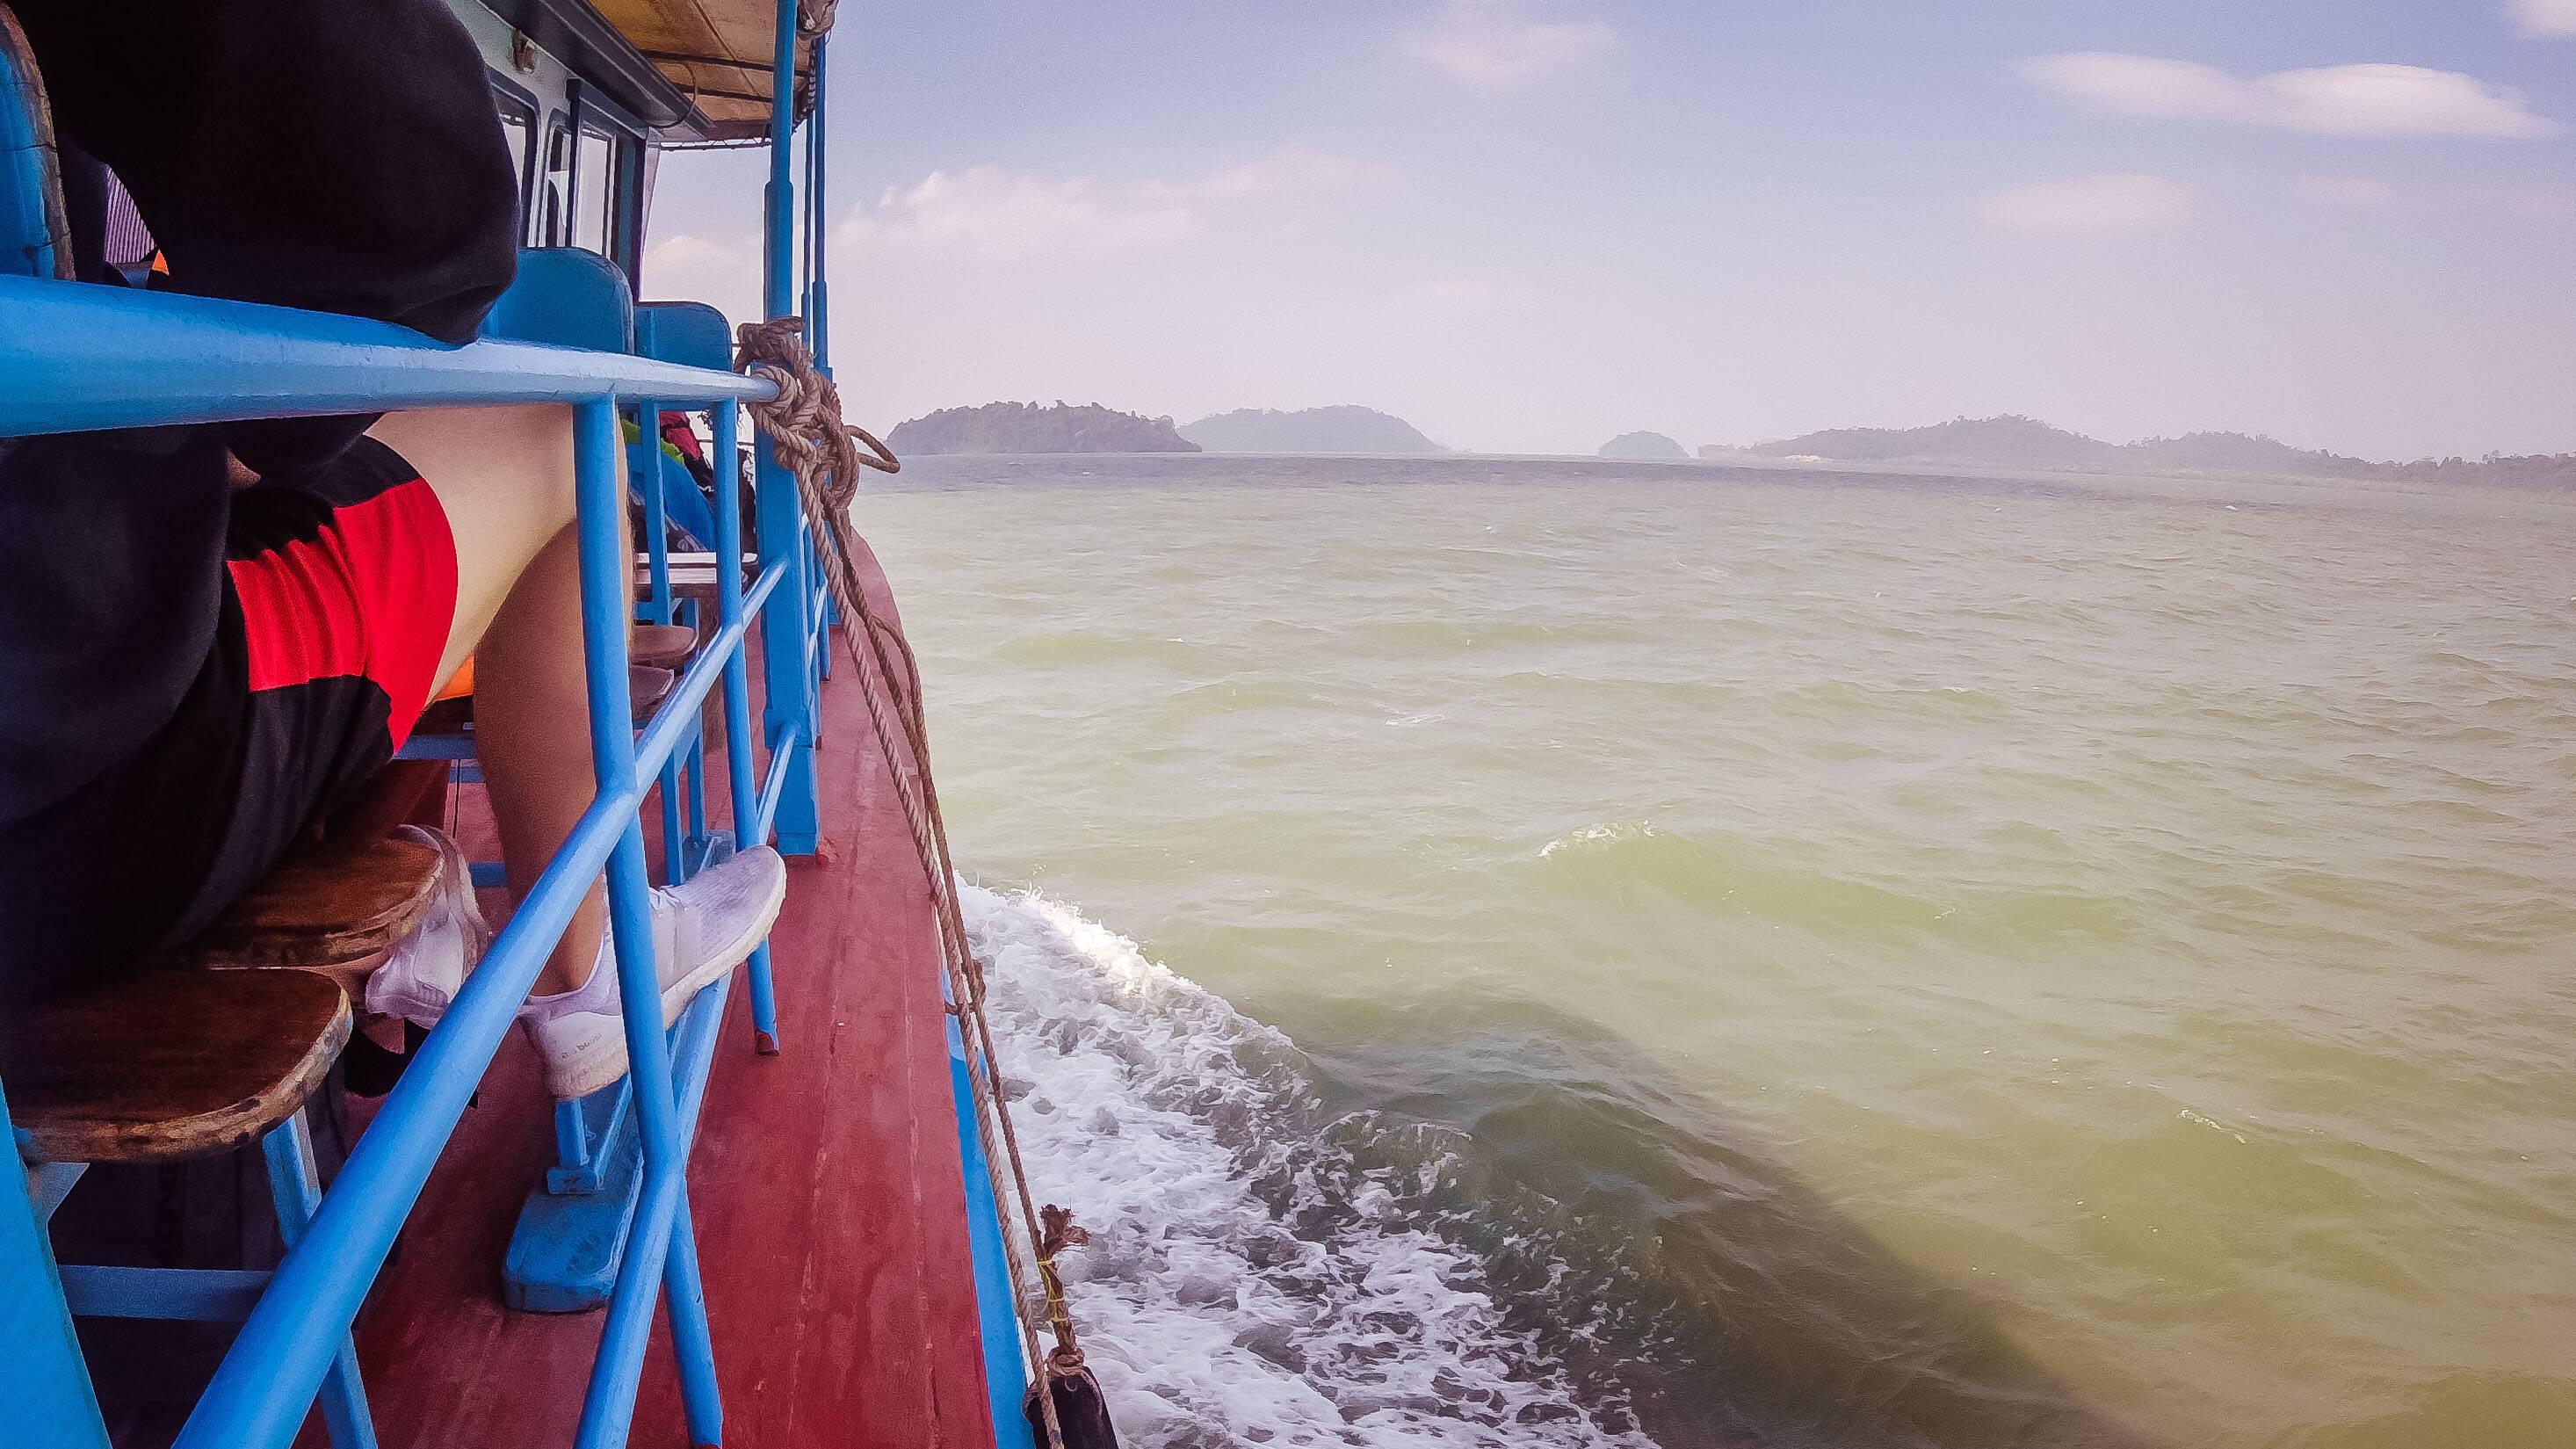 Ferry a caminho de Koh Phayam | Foto: Bruno Miguel/ Na Proa da Vida